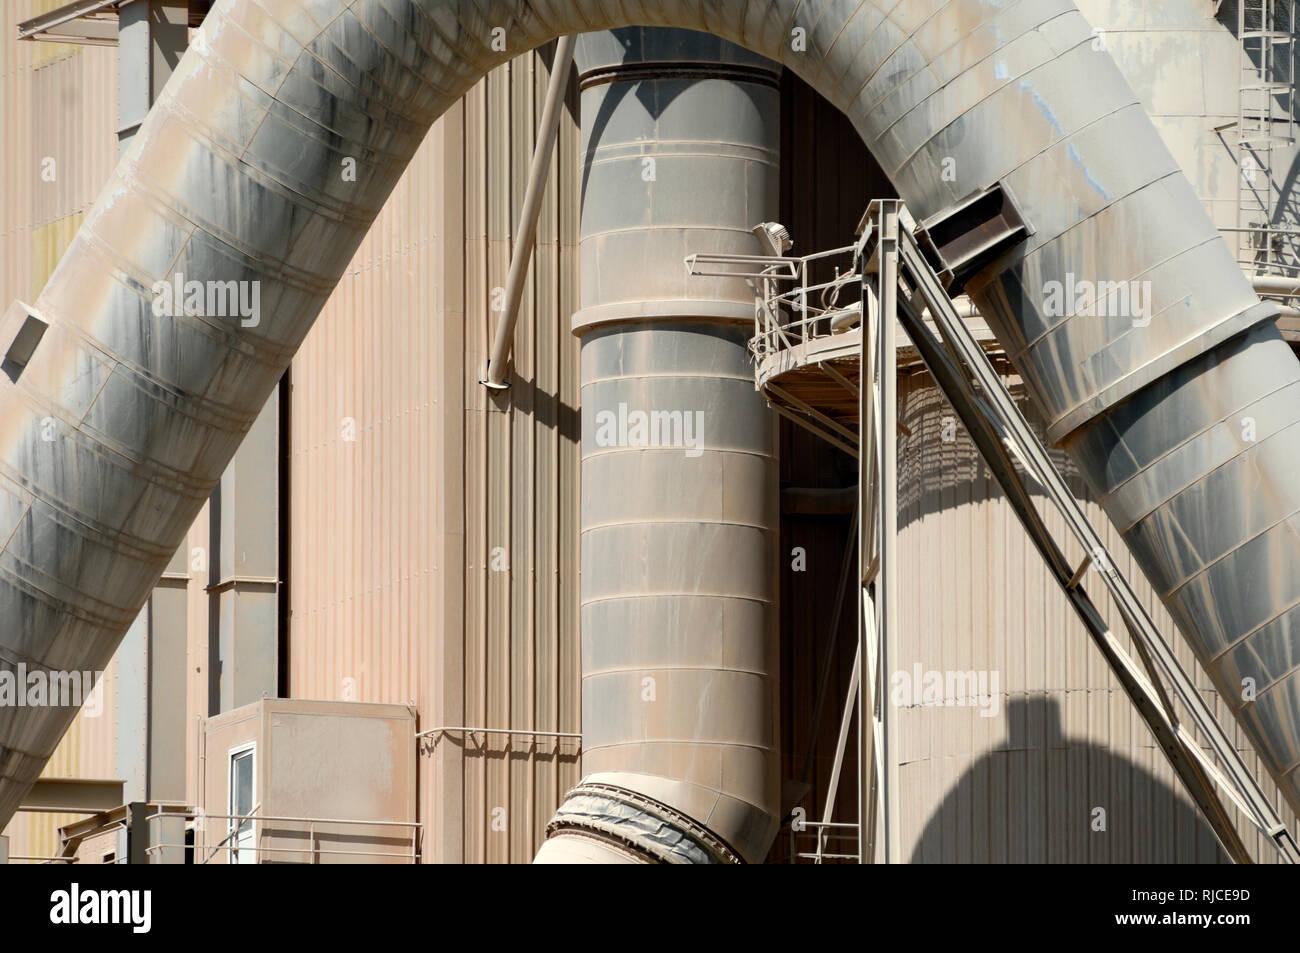 Tubi di gigante di forno da cemento a opere in cemento, cemento Mill, fabbrica di cemento, di calcestruzzo o di fabbrica Industriale Architettura Beaucaire Provence Francia Immagini Stock